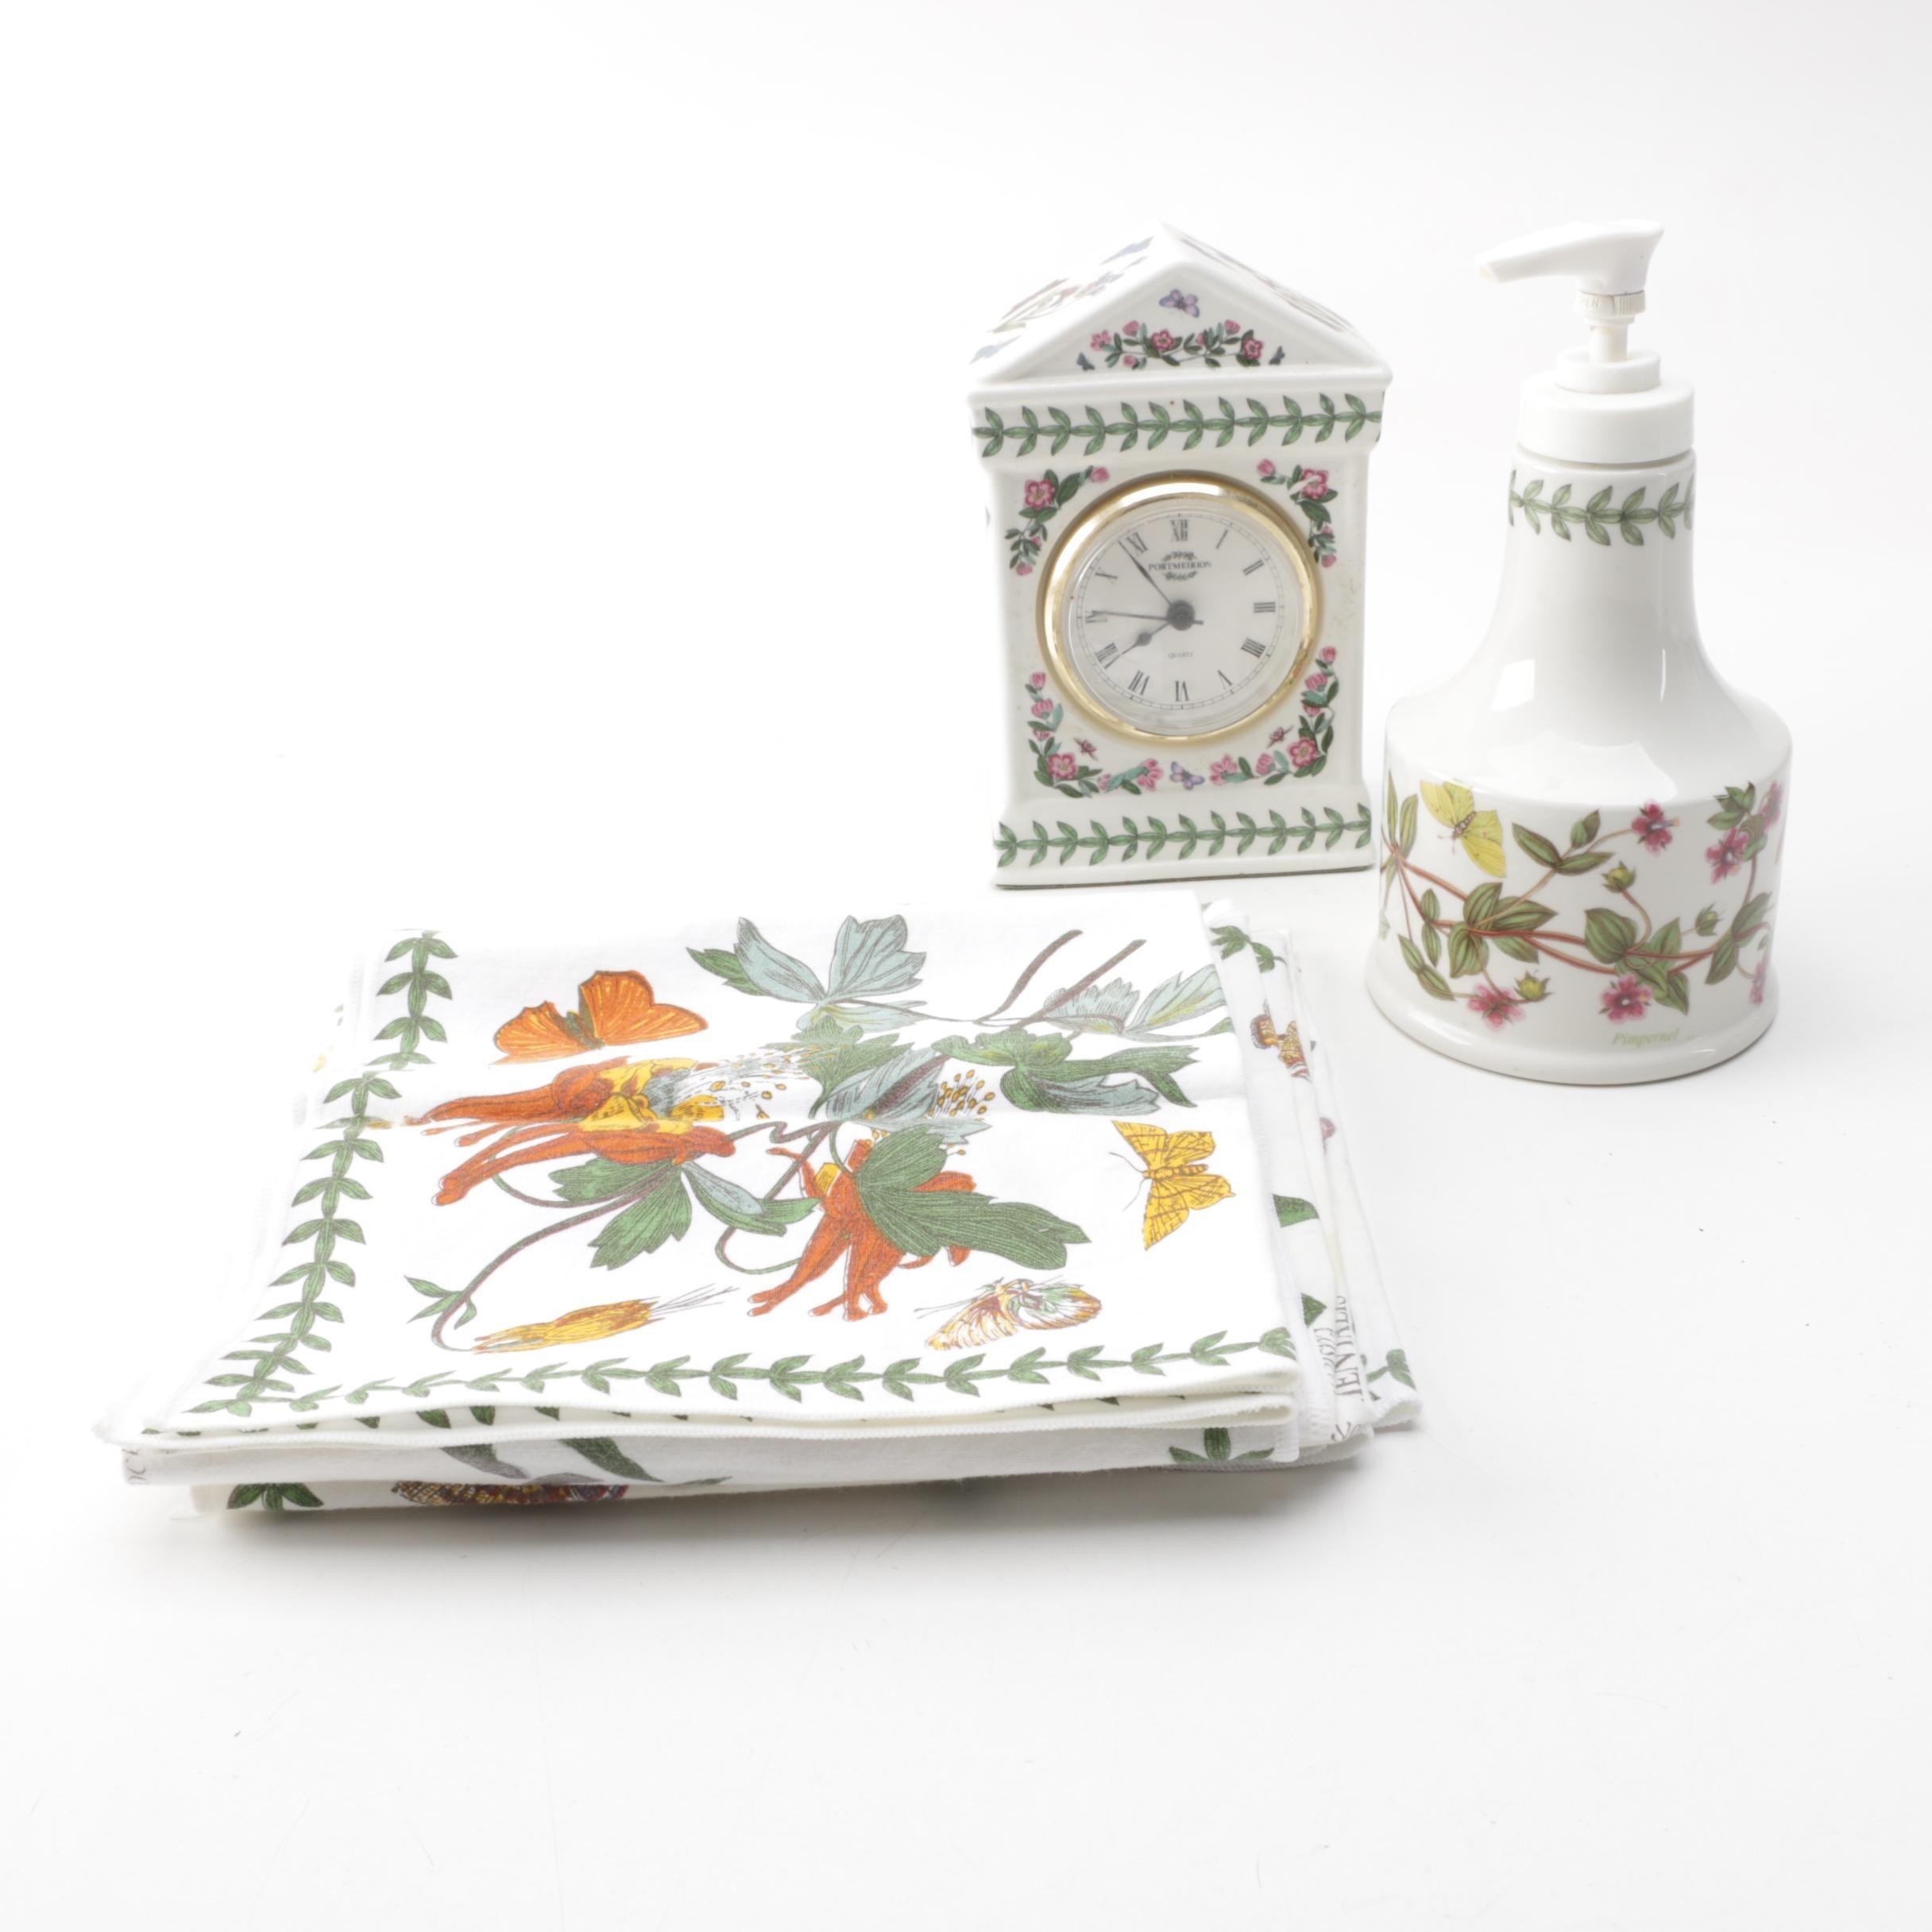 """Portmeirion """"Botanic Garden"""" Kitchen Accessories and Clock"""